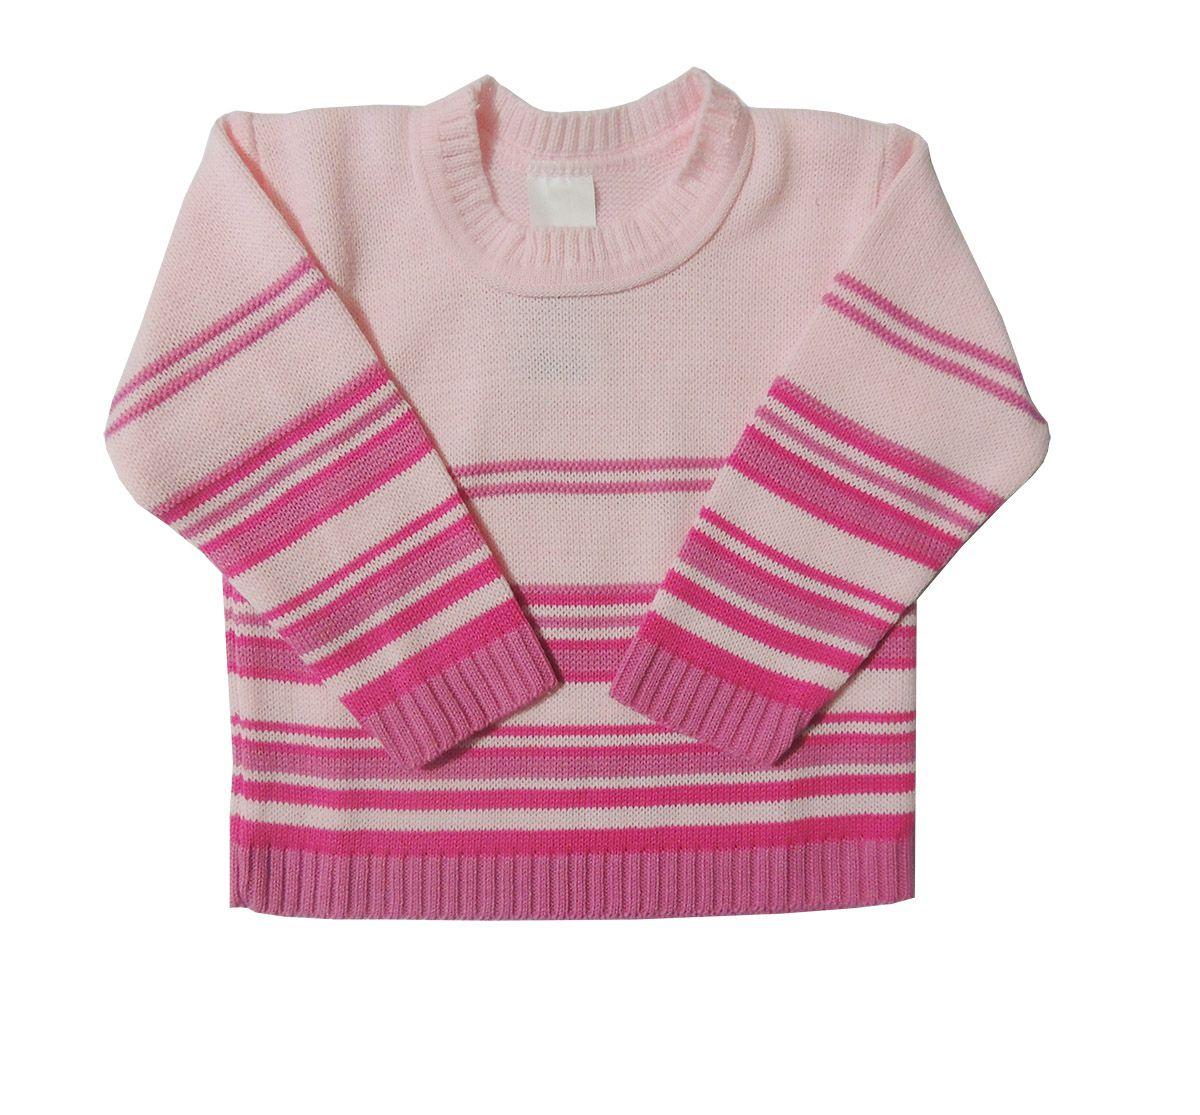 Blusa de Lã em Tricot Infantil com Listras Menina